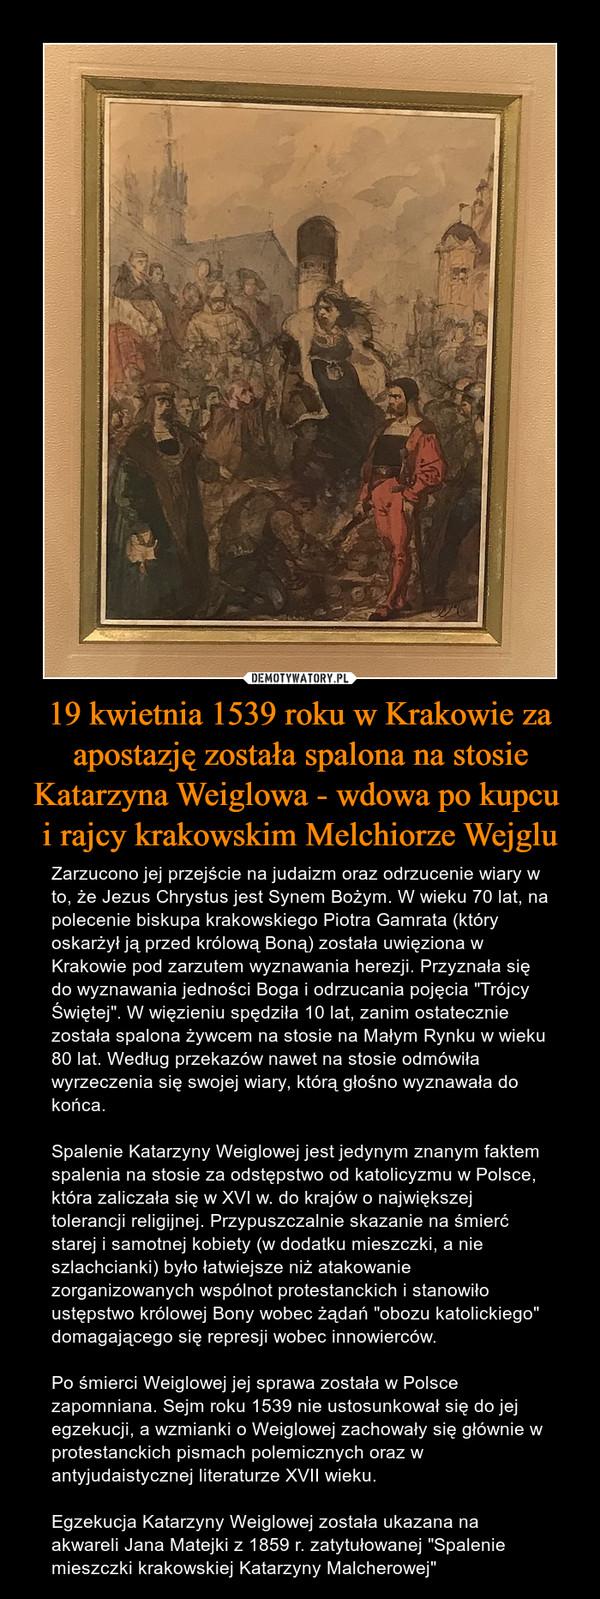 """19 kwietnia 1539 roku w Krakowie za apostazję została spalona na stosie Katarzyna Weiglowa - wdowa po kupcu i rajcy krakowskim Melchiorze Wejglu – Zarzucono jej przejście na judaizm oraz odrzucenie wiary w to, że Jezus Chrystus jest Synem Bożym. W wieku 70 lat, na polecenie biskupa krakowskiego Piotra Gamrata (który oskarżył ją przed królową Boną) została uwięziona w Krakowie pod zarzutem wyznawania herezji. Przyznała się do wyznawania jedności Boga i odrzucania pojęcia """"Trójcy Świętej"""". W więzieniu spędziła 10 lat, zanim ostatecznie została spalona żywcem na stosie na Małym Rynku w wieku 80 lat. Według przekazów nawet na stosie odmówiła wyrzeczenia się swojej wiary, którą głośno wyznawała do końca.Spalenie Katarzyny Weiglowej jest jedynym znanym faktem spalenia na stosie za odstępstwo od katolicyzmu w Polsce, która zaliczała się w XVI w. do krajów o największej tolerancji religijnej. Przypuszczalnie skazanie na śmierć starej i samotnej kobiety (w dodatku mieszczki, a nie szlachcianki) było łatwiejsze niż atakowanie zorganizowanych wspólnot protestanckich i stanowiło ustępstwo królowej Bony wobec żądań """"obozu katolickiego"""" domagającego się represji wobec innowierców. Po śmierci Weiglowej jej sprawa została w Polsce zapomniana. Sejm roku 1539 nie ustosunkował się do jej egzekucji, a wzmianki o Weiglowej zachowały się głównie w protestanckich pismach polemicznych oraz w antyjudaistycznej literaturze XVII wieku.Egzekucja Katarzyny Weiglowej została ukazana na akwareli Jana Matejki z 1859 r. zatytułowanej """"Spalenie mieszczki krakowskiej Katarzyny Malcherowej"""""""